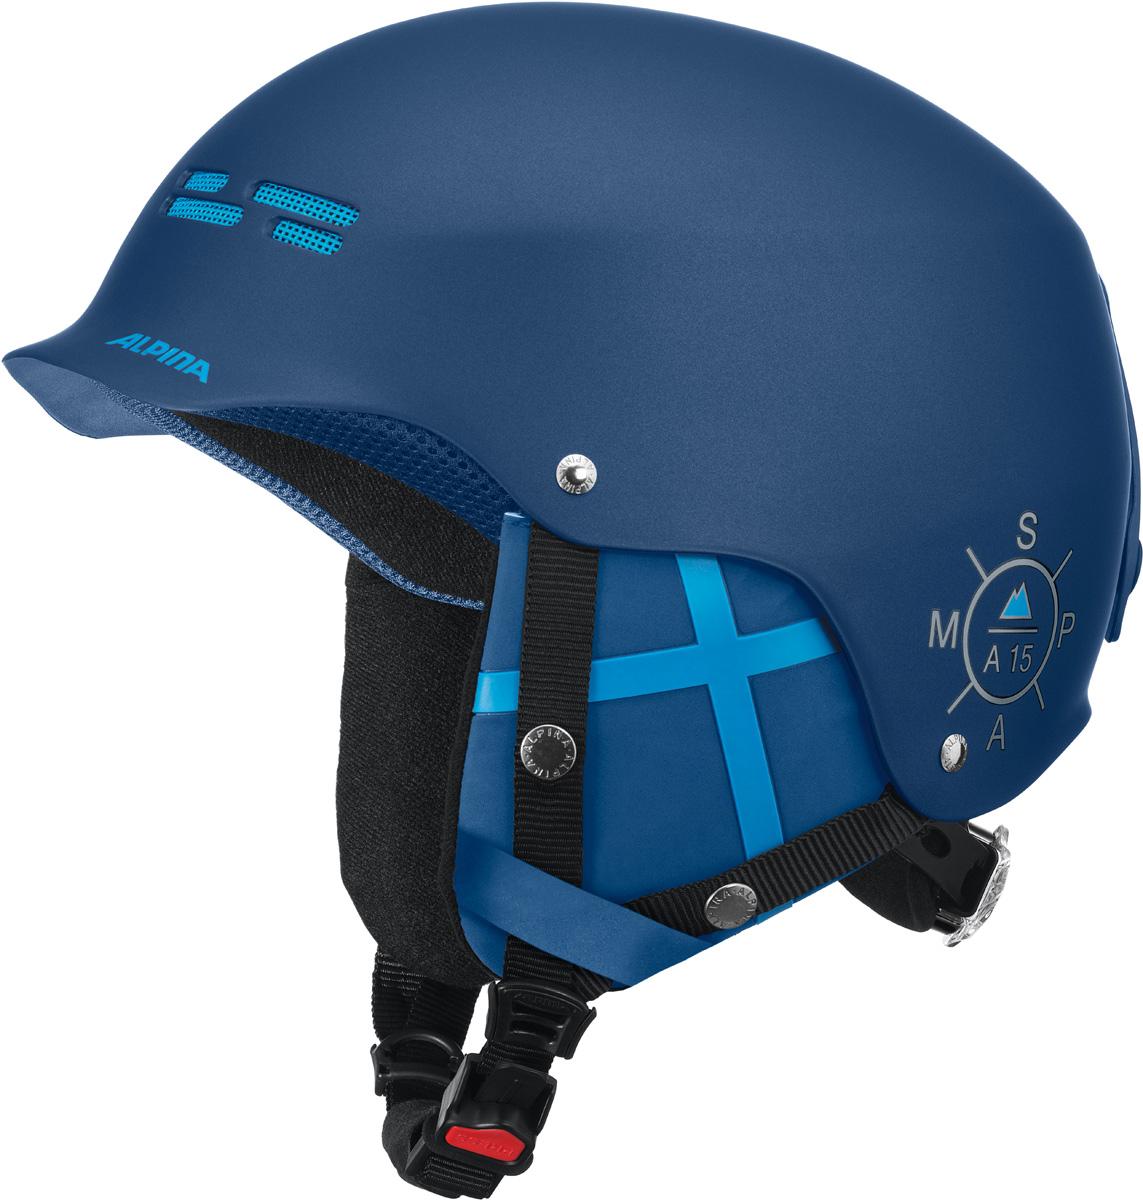 Шлем горнолыжный Alpina SPAM CAP blue-navy matt. Размер 54-57A9033_82Ультрастильный шлем для бесстрашных. Яркие цвета и стильный дизайн отлично смотреться в парке или в пайпе.• Шлем имеет максимально надёжную и долговечную Hardshell конструкцию - предварительно отлитая оболочка из ударопрочного пластика ABS прочно соединена с внутренней оболочкой из вспененного полистирола• Вентиляционные отверстия препятствуют перегреву и позволяют поддерживать идеальную температуру внутри шлема. Для этого инженеры Alpina используют эффект Вентури, чтобы сделать циркуляцию воздуха постоянной и максимально эффективной• Съемные ушки-амбушюры можно снять за секунду и сложить в карман лыжной куртки. Если вы наслаждаетесь катанием в начале апреля, такая возможность должна вас порадовать. А когда температура снова упадет - щелк и вкладыш снова на месте!• Внутренная оболочка каждого шлема Alpina состоит из гранул HI-EPS (сильно вспененного полистирола). Микроскопические воздушные карманы эффективно поглощают ударную нагрузку и обеспечивают высокую теплоизоляцию. Эта технология позволяет достичь минимальной толщины оболочки. А так как гранулы HI-EPS не впитывают влагу, их защитный эффект не ослабевает со временем.• Ручка регулировки Run System Classic в задней части шлема позволяет за мгновение комфортно усадить шлем на затылке• Y-образный ремнераспределитель двух ремешков находится под ухом и обеспечивает быструю и точную посадку шлема на голове• Вместо фастекса на ремешке используется красная кнопка с автоматическим запирающим механизмом, которую легко использовать даже в лыжных перчатках. Механизм защищён от произвольного раскрытия при падении.